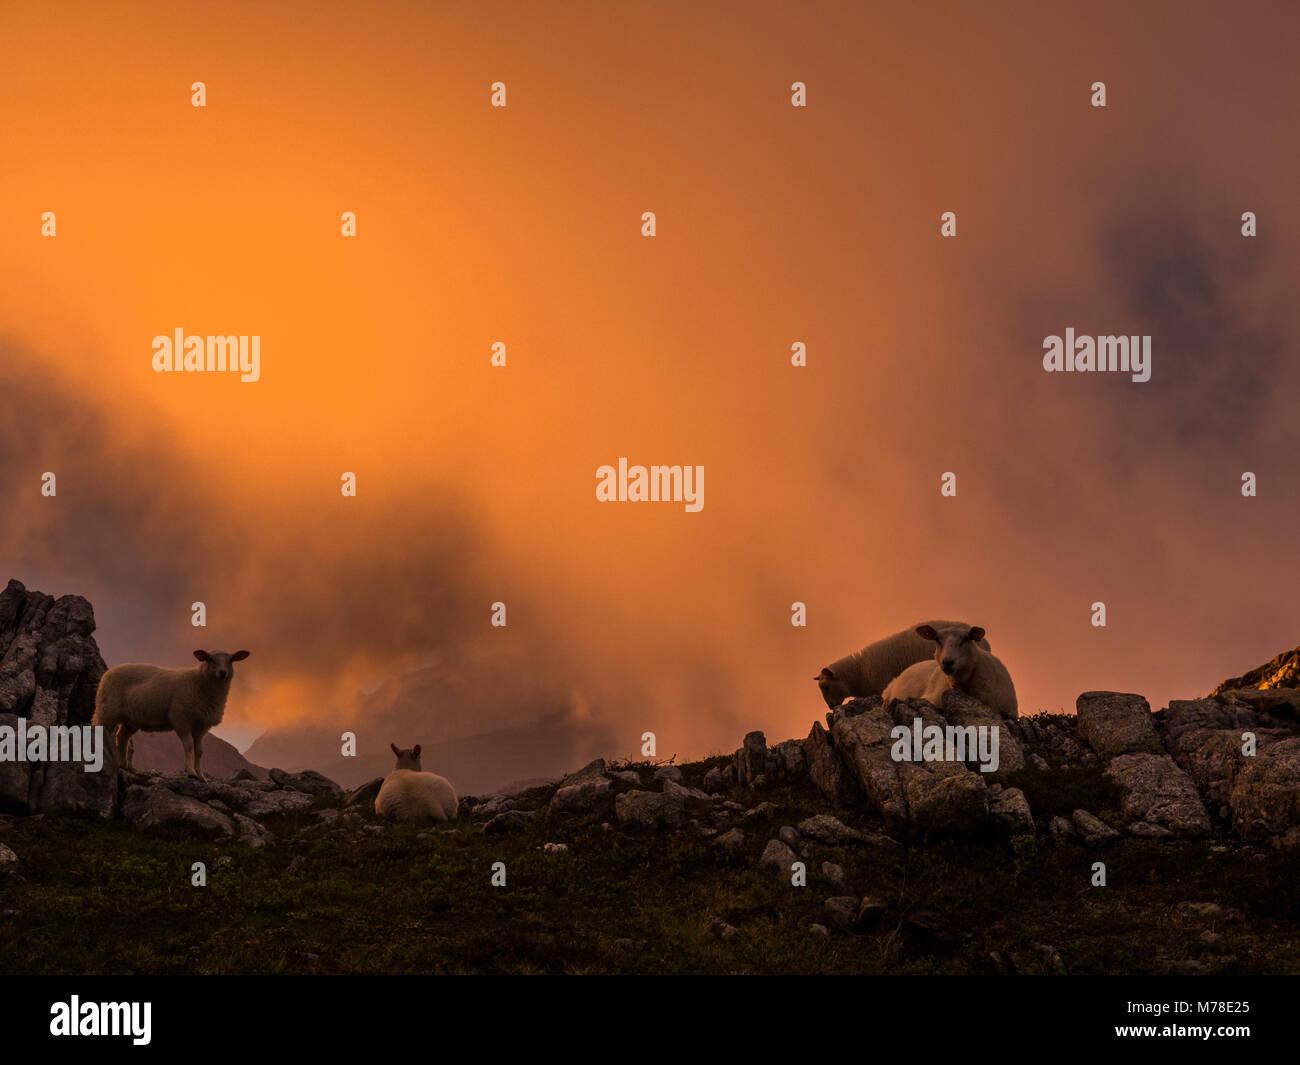 Moutons sur une colline pendant le coucher du soleil avec brouillard. Photo Stock